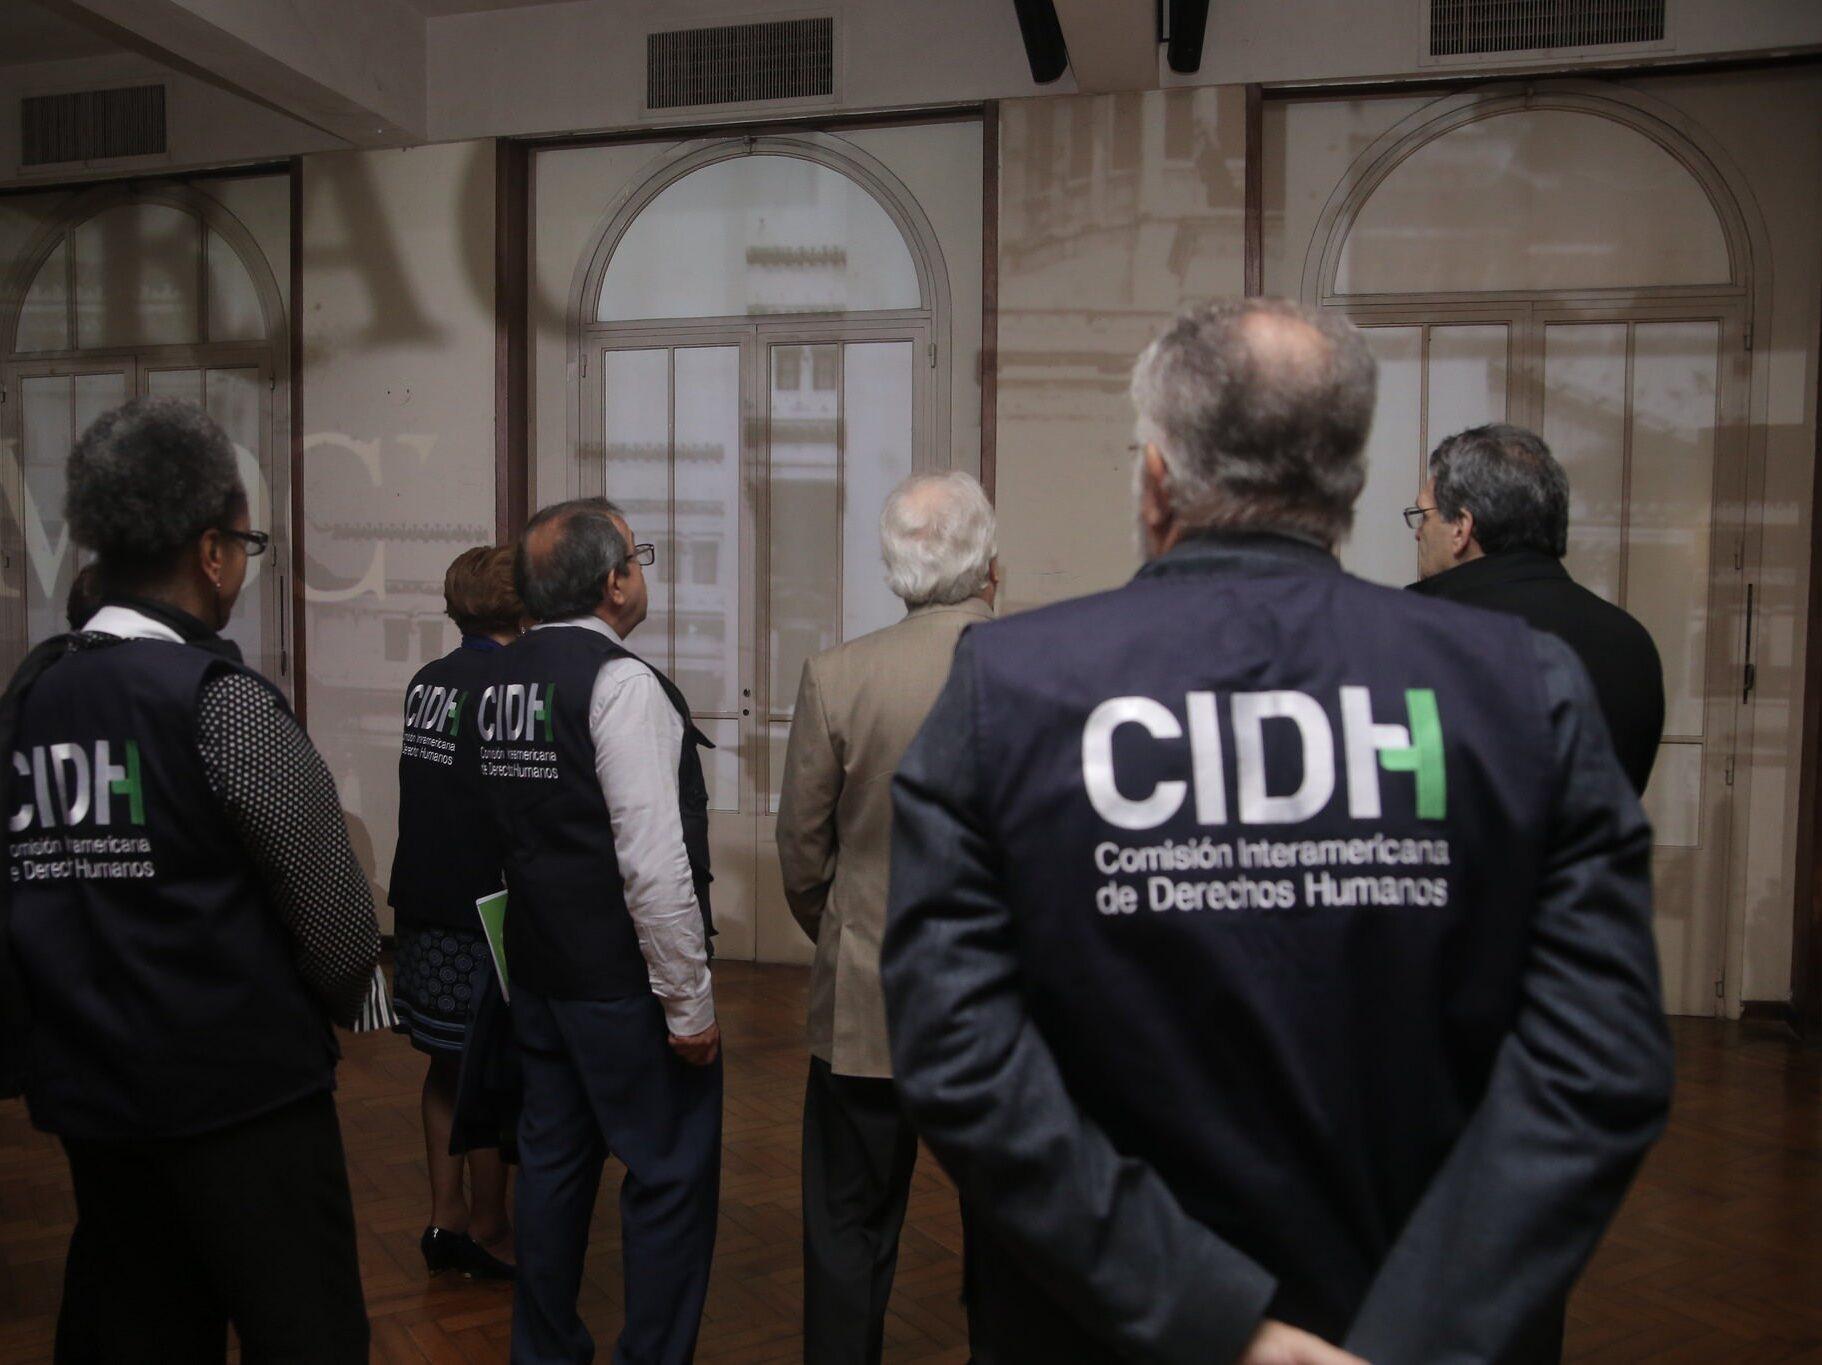 La CIDH condenó la muerte de mujeres detenidas por un incendio en Tucumán